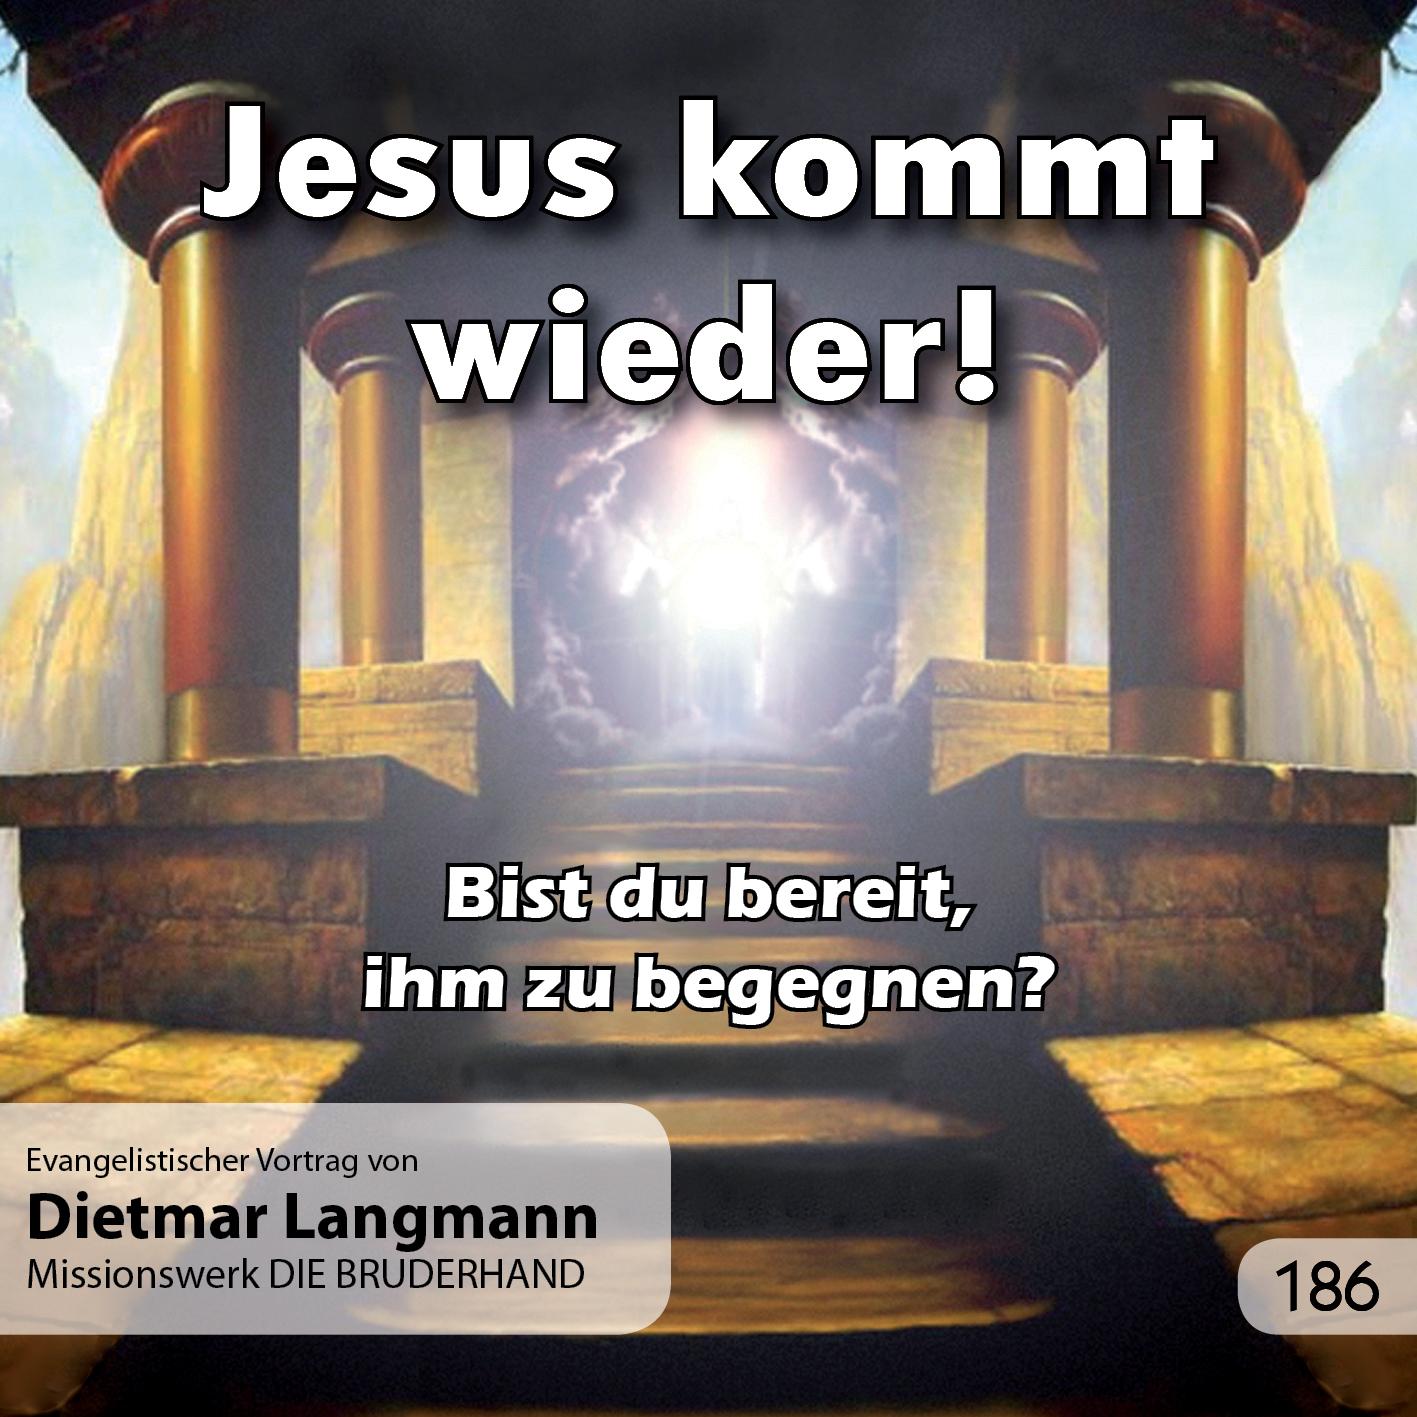 Jesus kommt wieder!